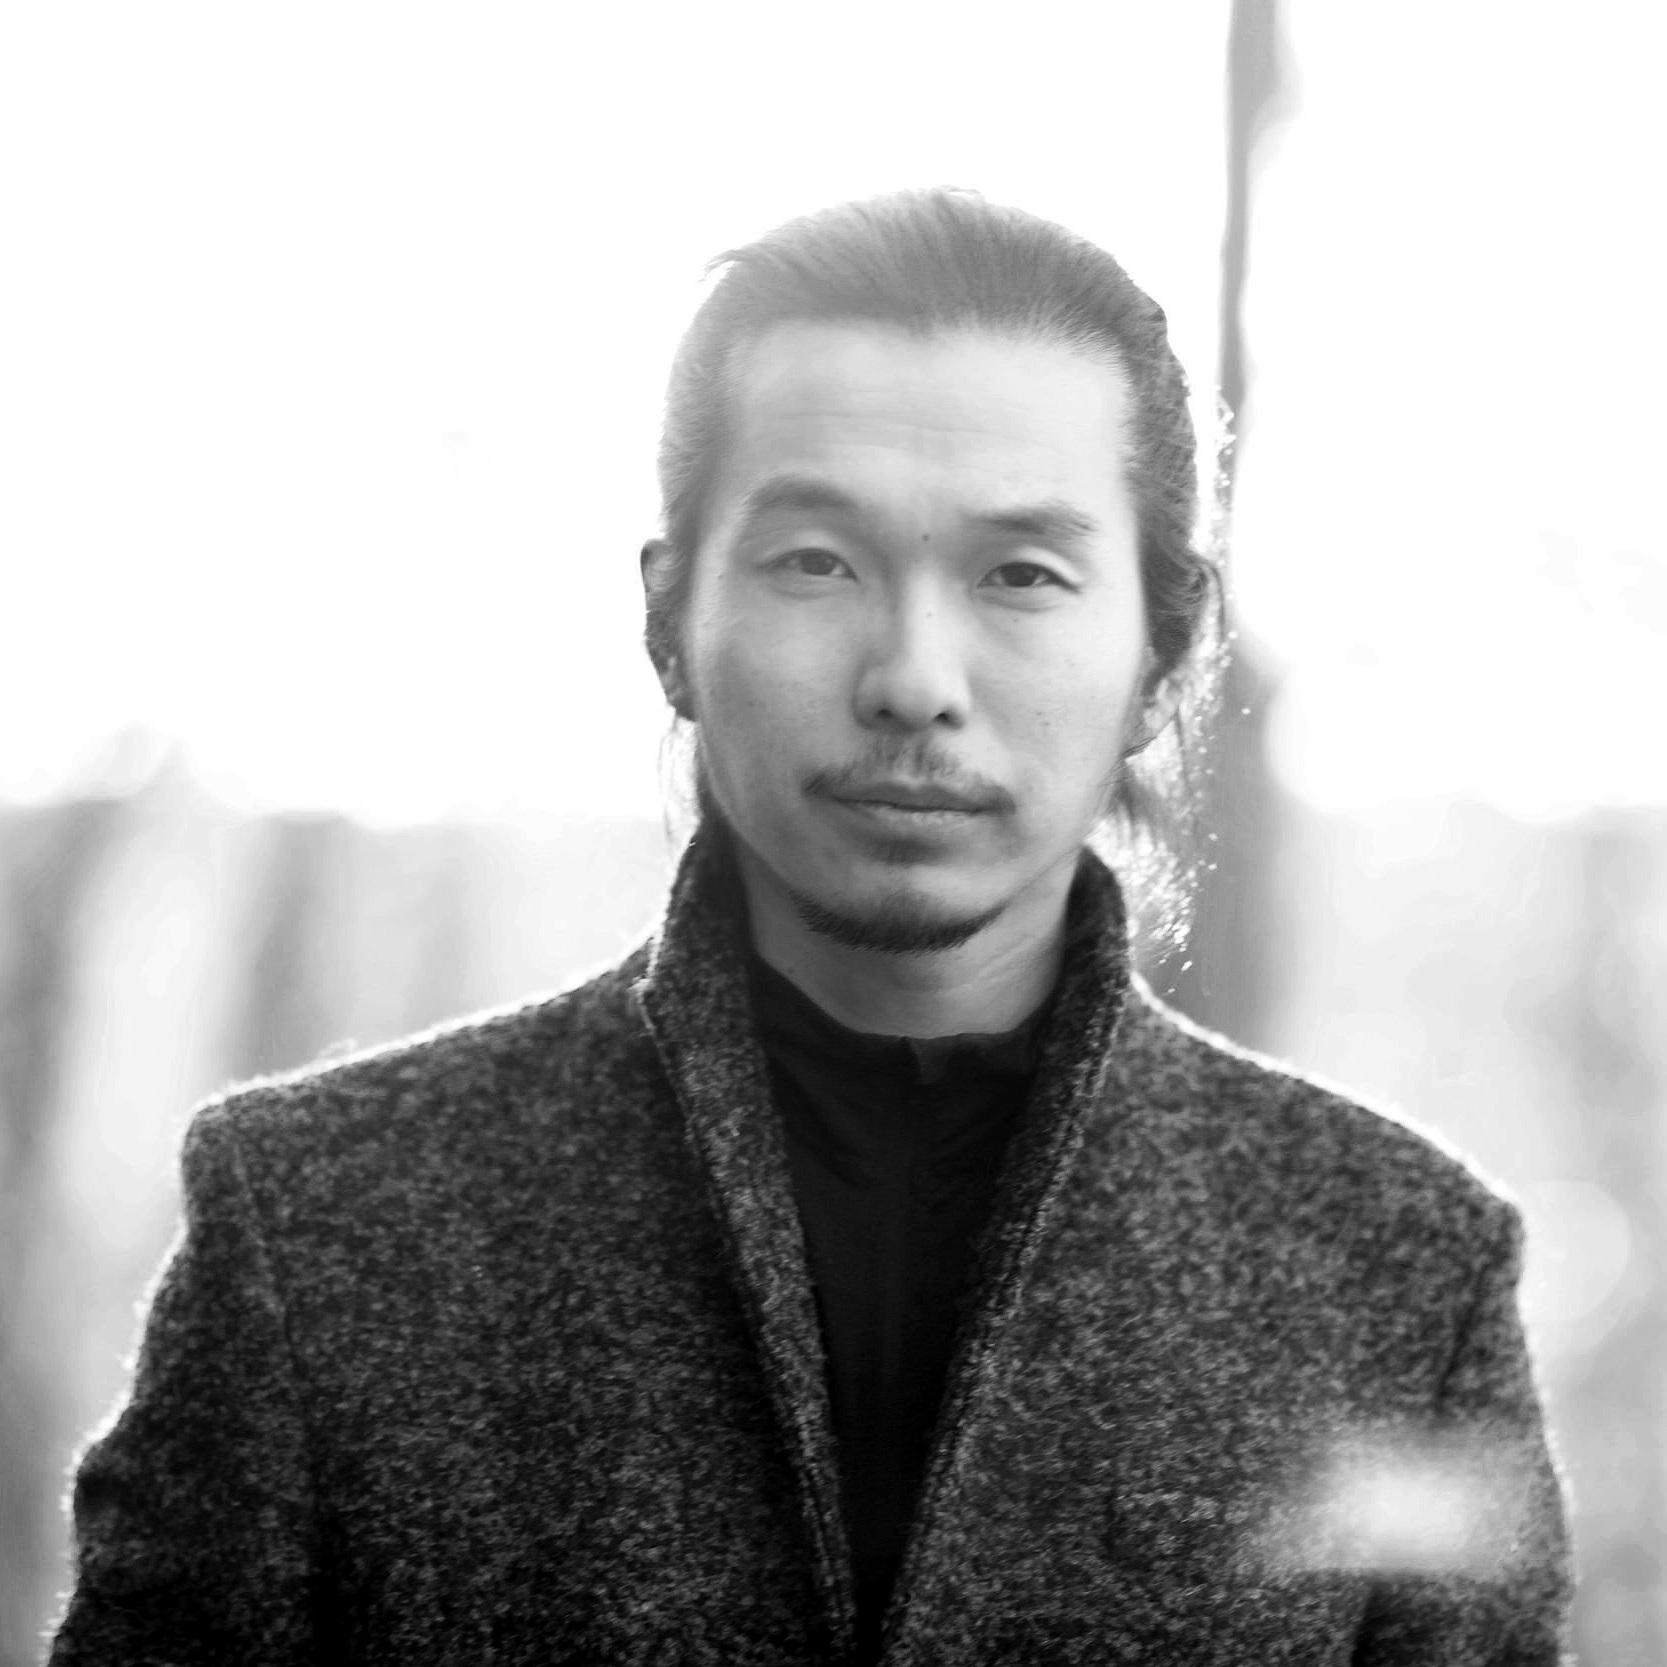 JieSong_Zhang_headshot1-2.jpg